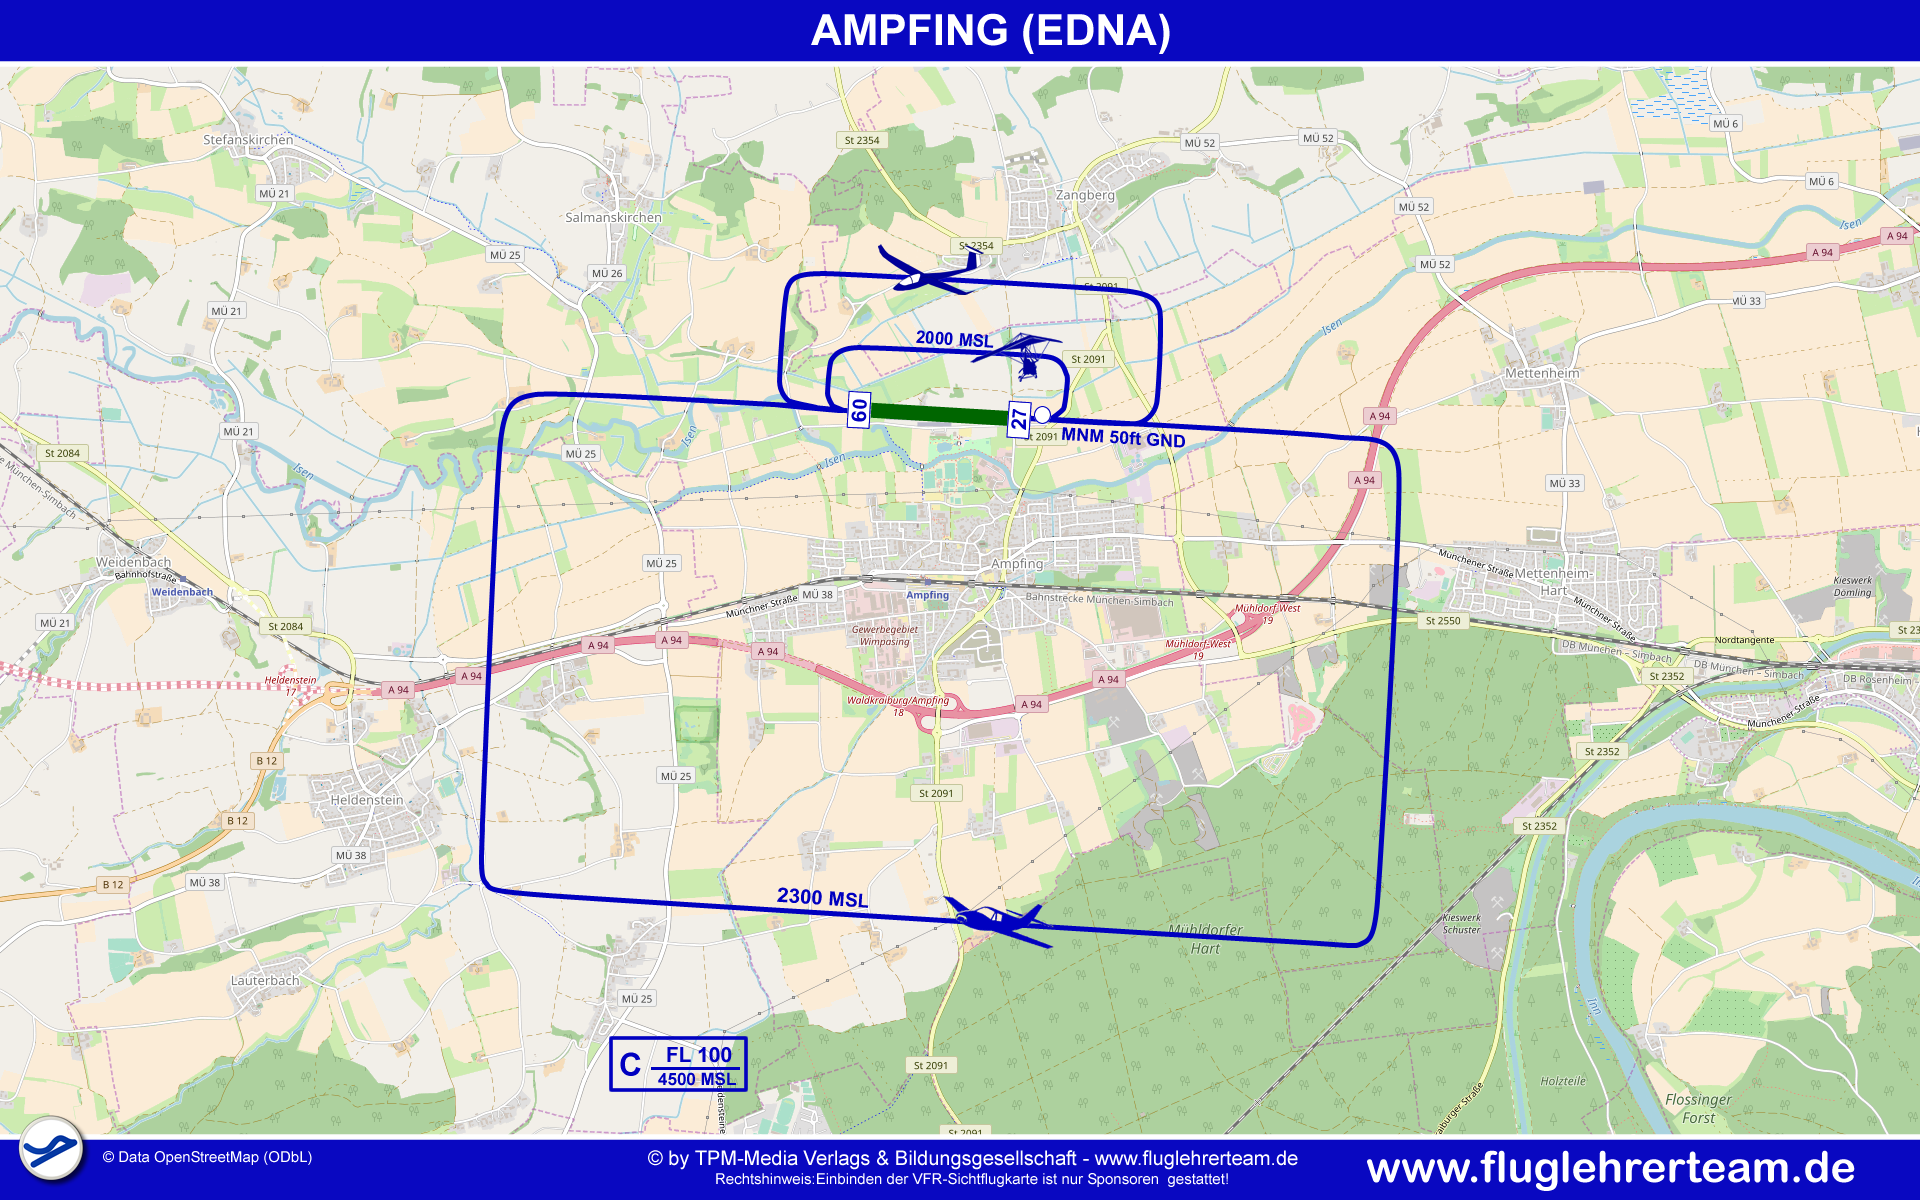 edna-fluglehrerteam-de